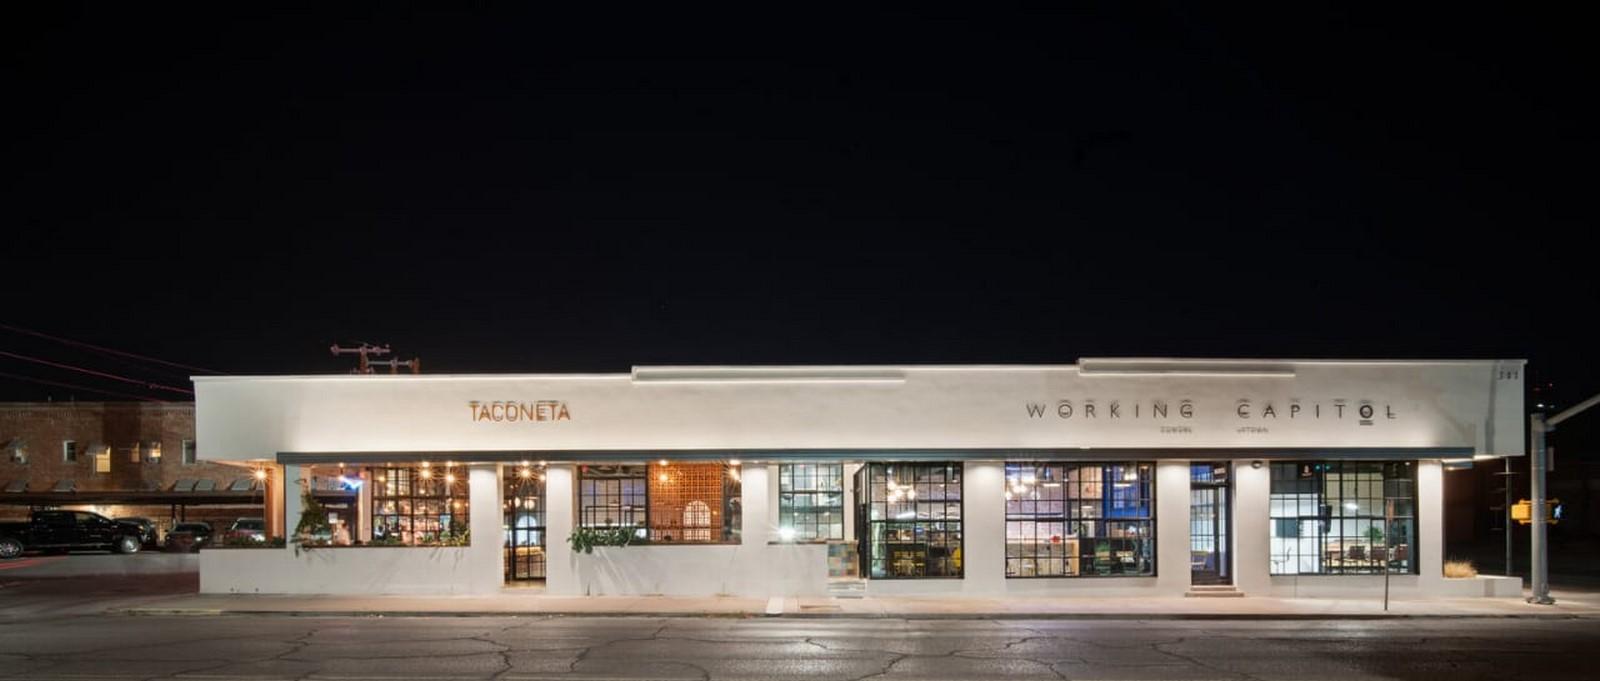 Architects in El Paso - Top 30 Architects in El Paso - Sheet27